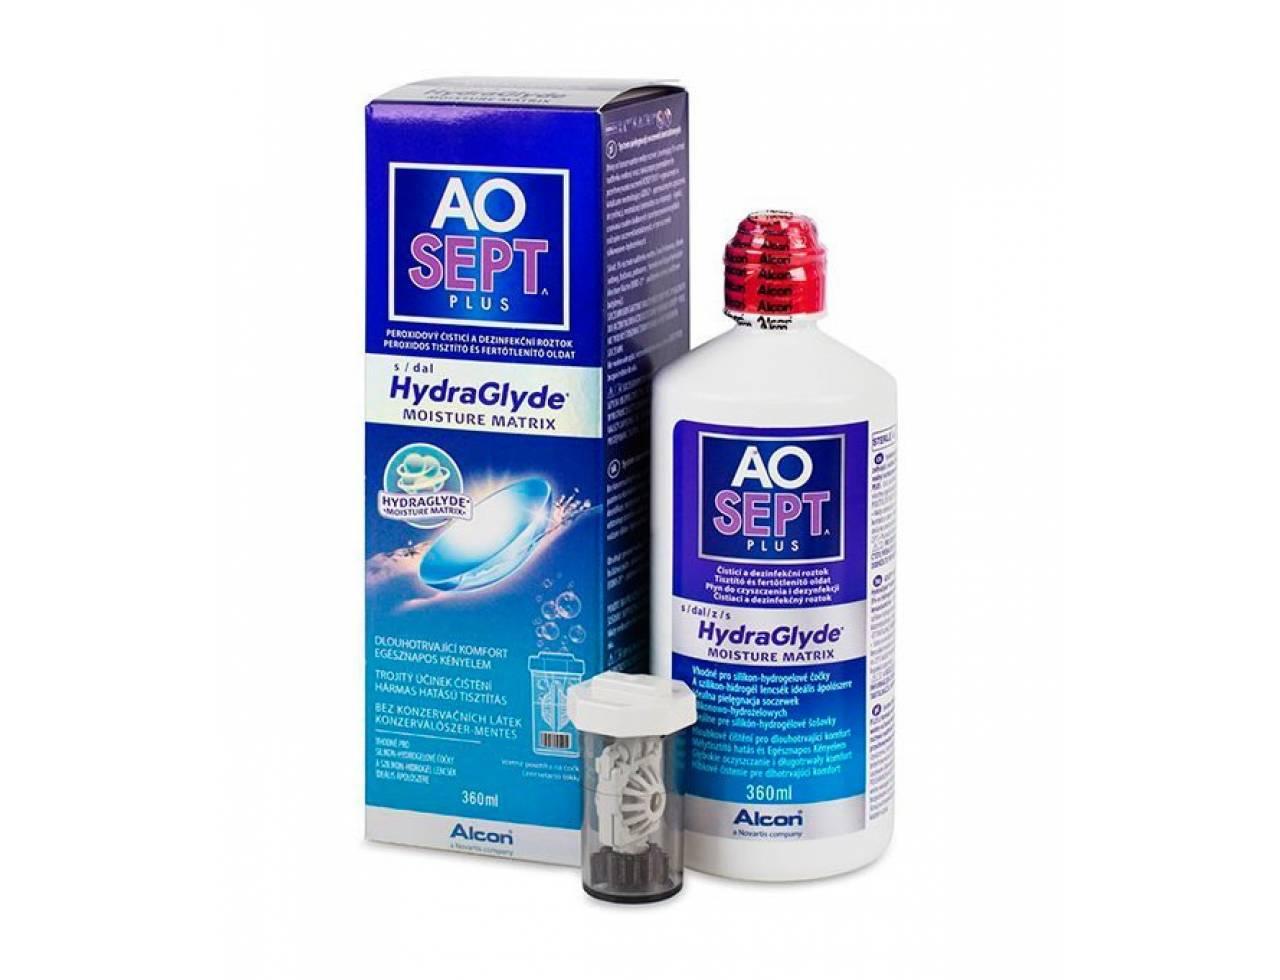 Раствор для контактных линз Alcon Aosept Plus HydraGlyde - Фото №7